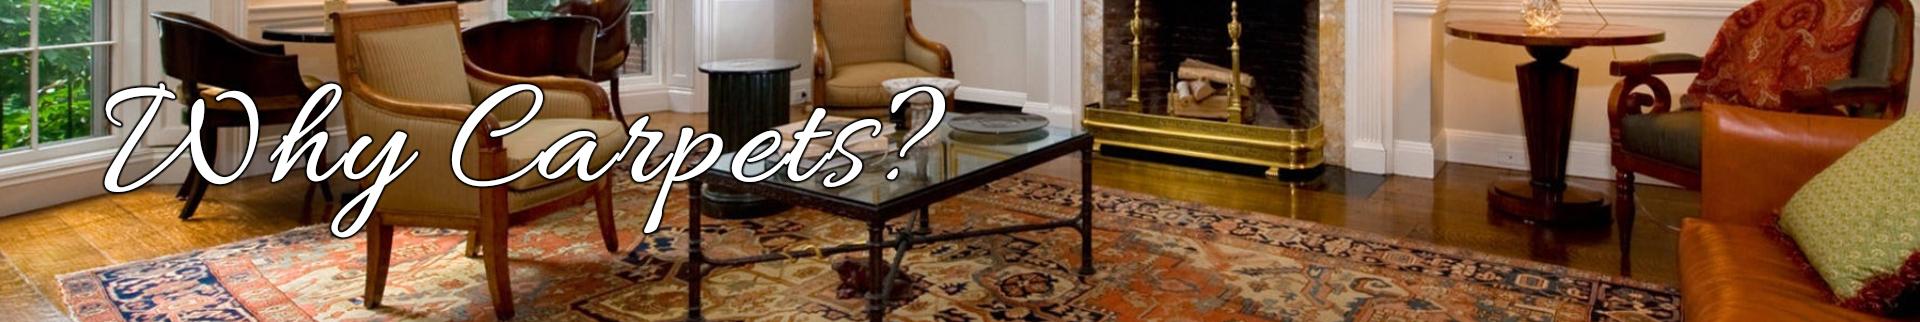 Why carpet